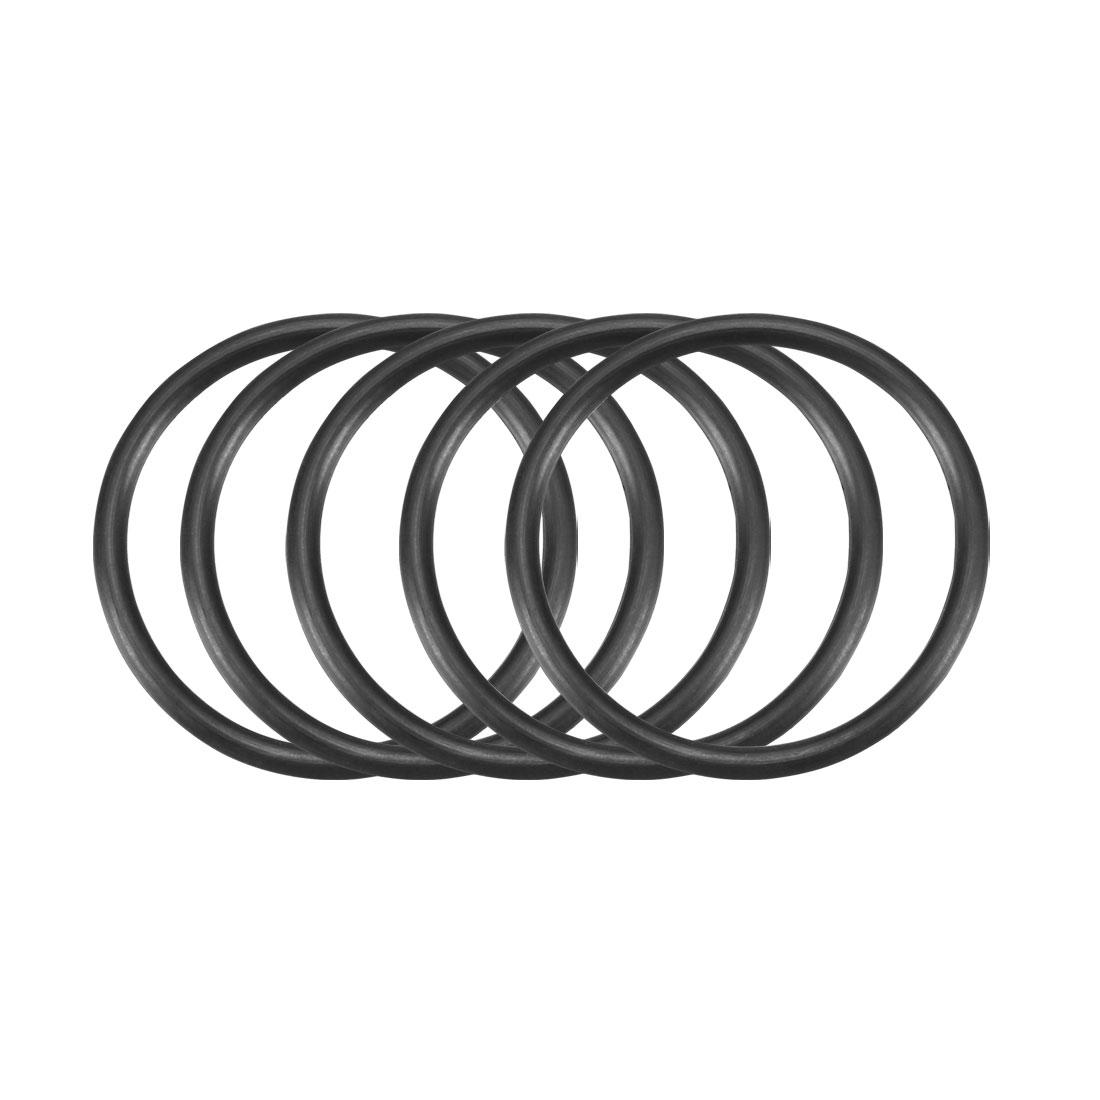 50pcs Black Nitrile Butadiene Rubber NBR O-Ring 29.6mm Inner Dia 2.4mm Width